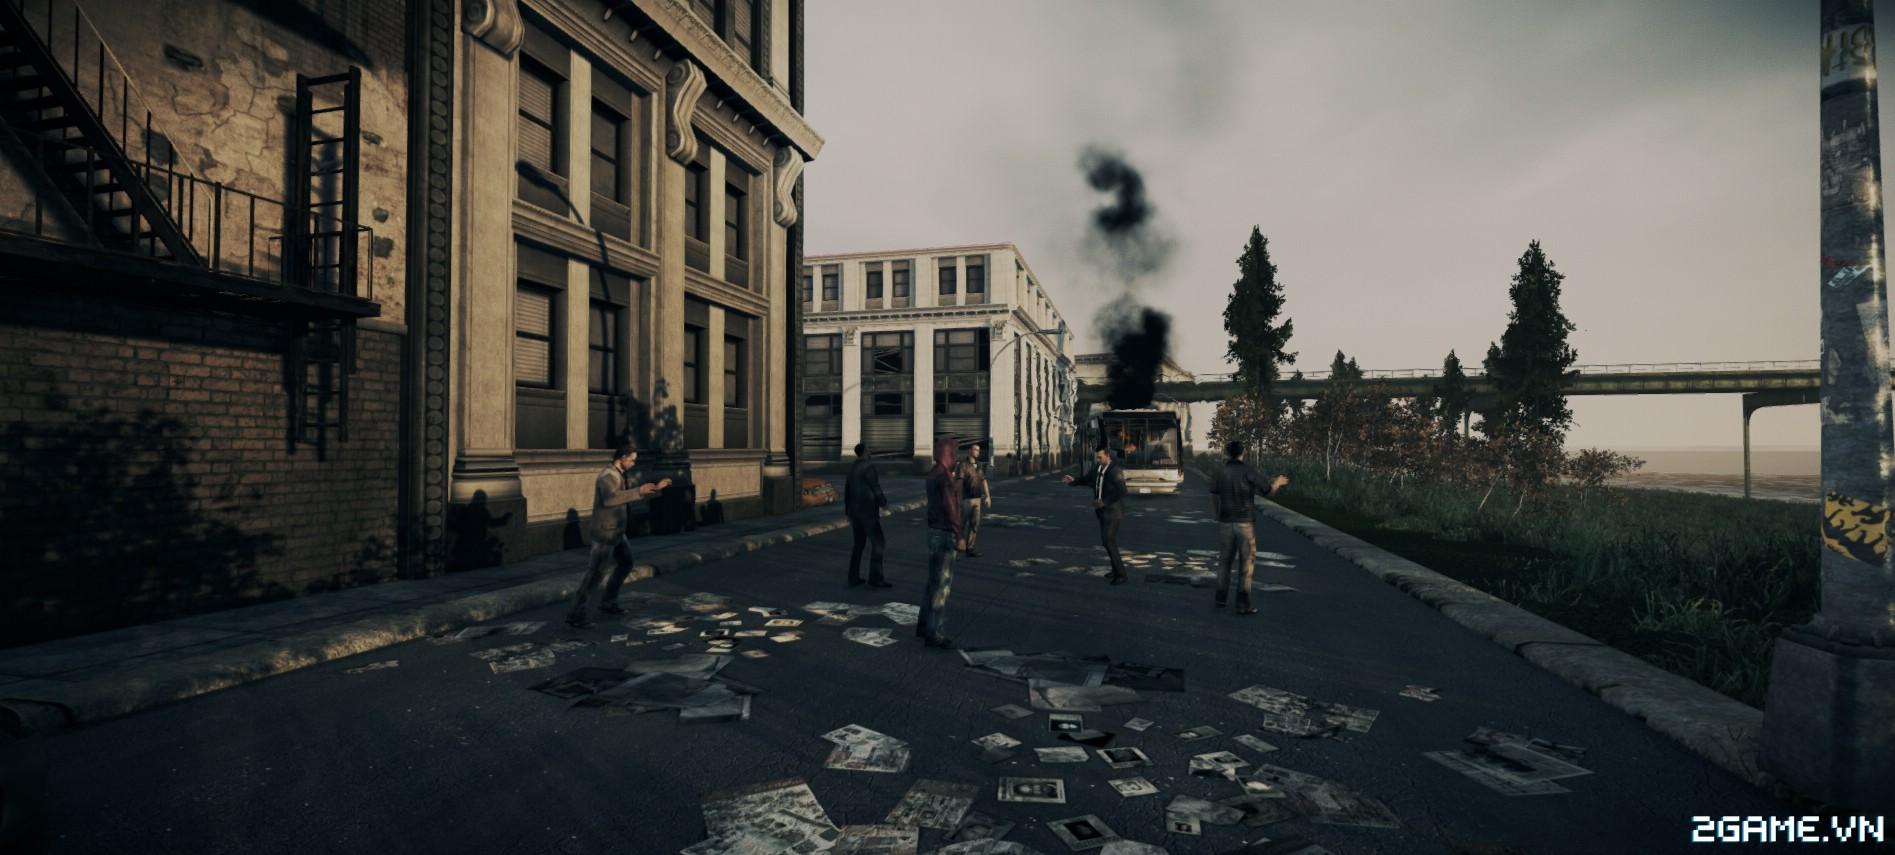 Dead Matter - Dự án game sinh tồn lấy chủ đề xác sống đang thu hút sự chú ý 0